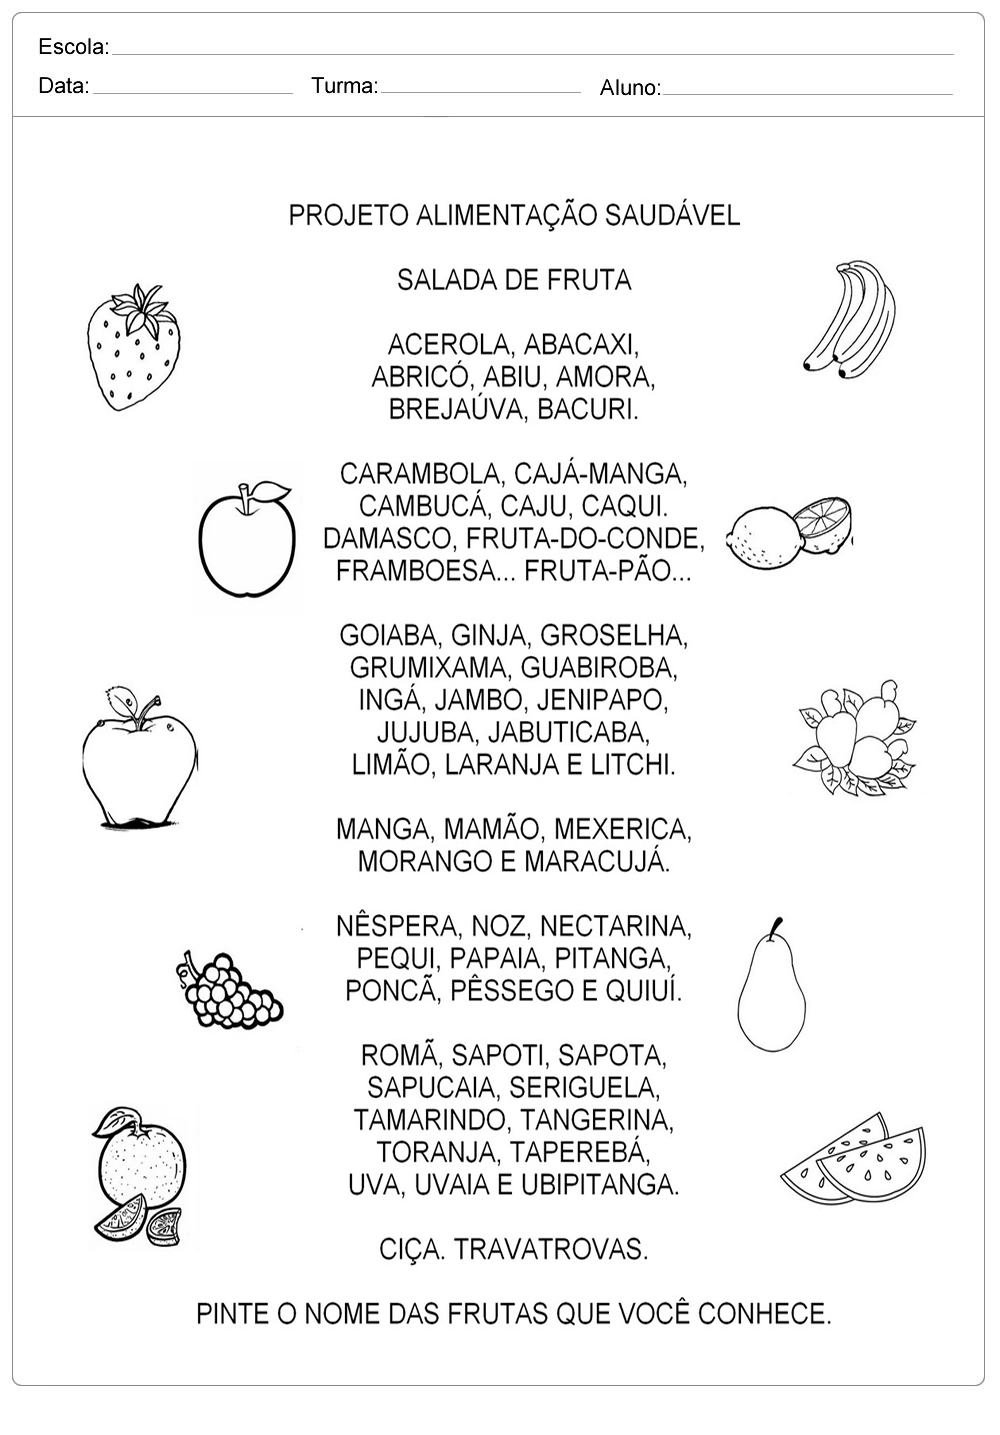 Projeto Alimentação Saudável  – Salada de Frutas